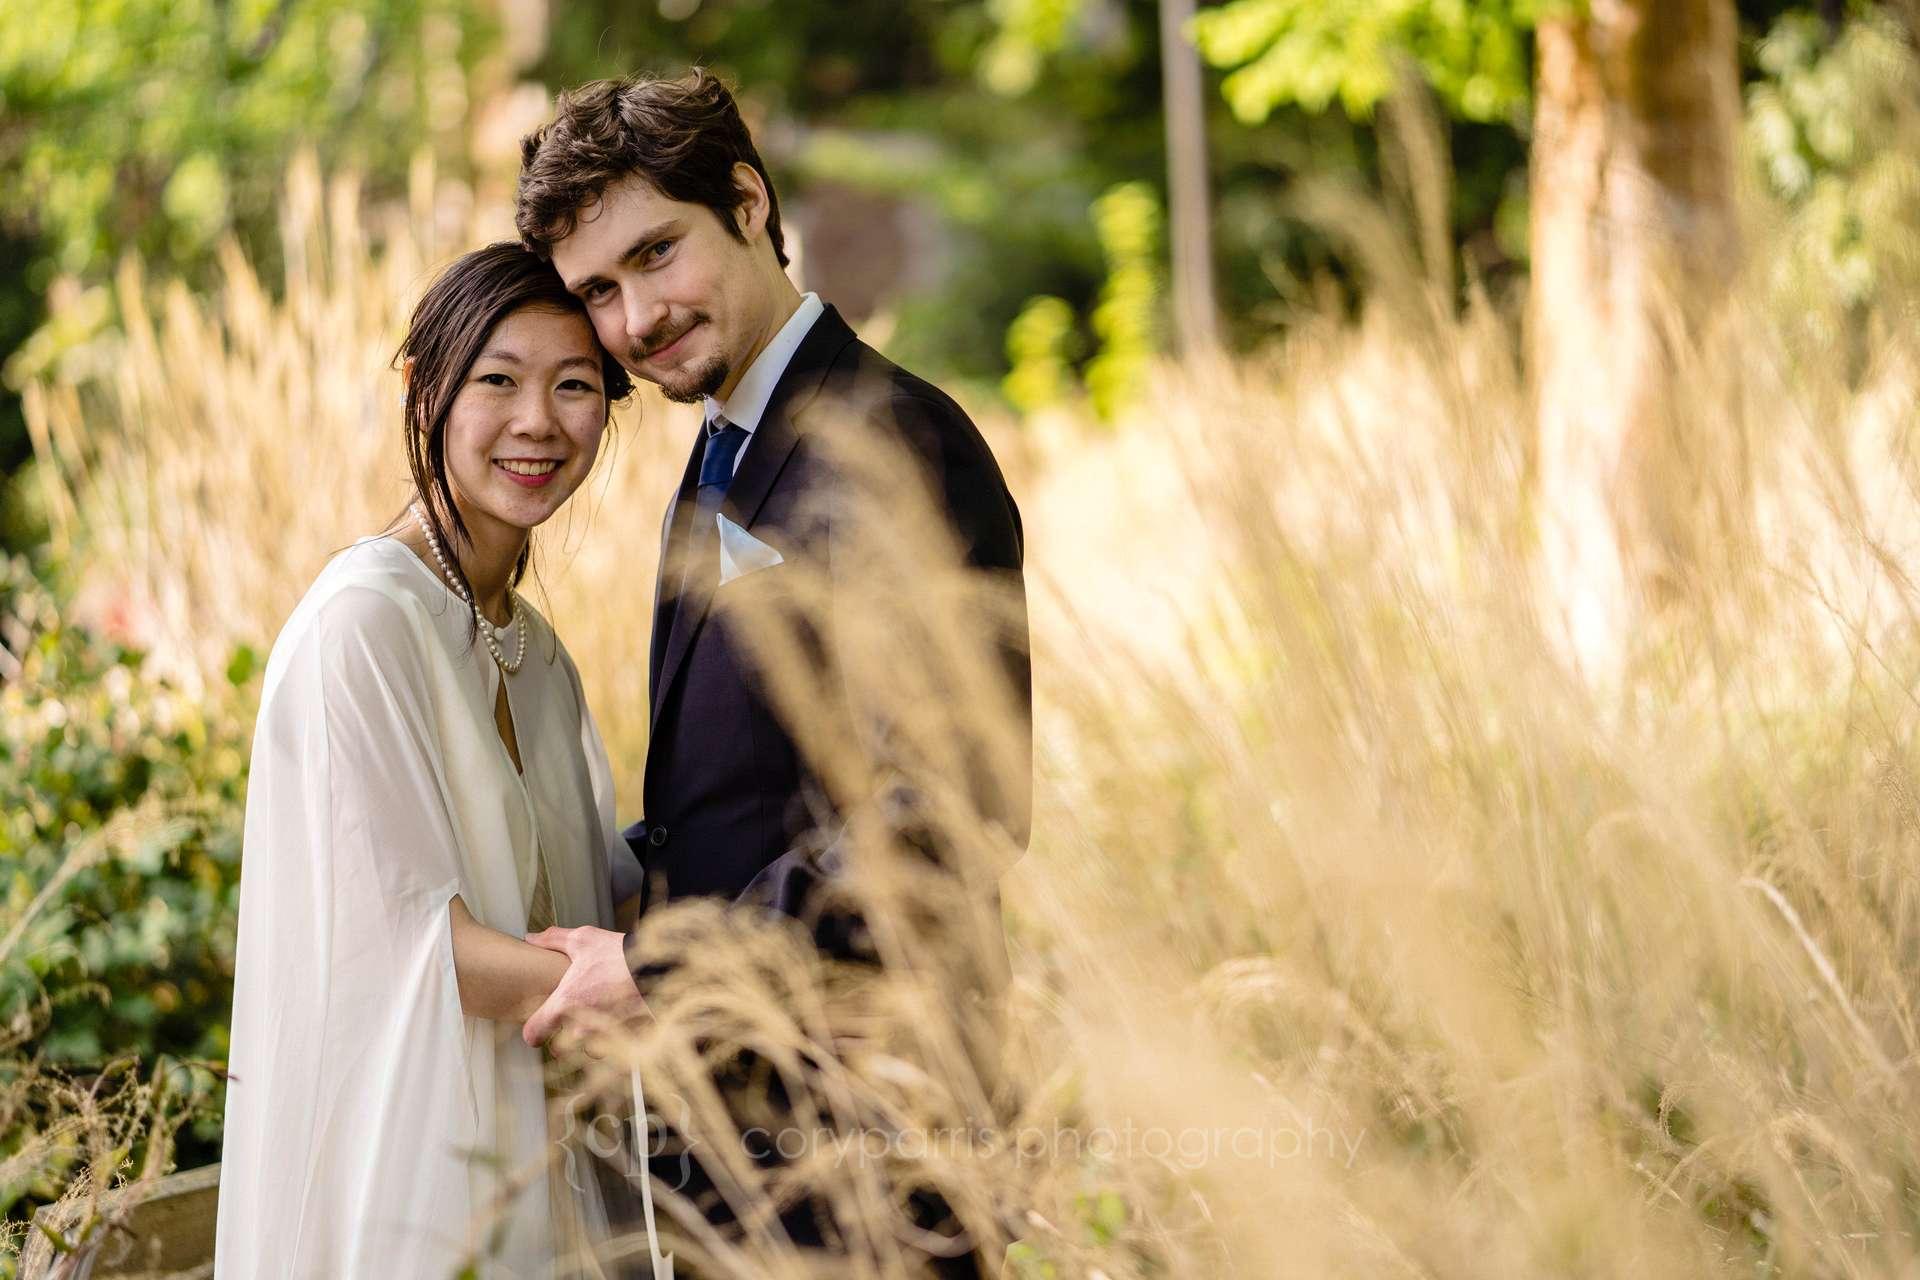 217-Seattle-elopement-photographer.jpg